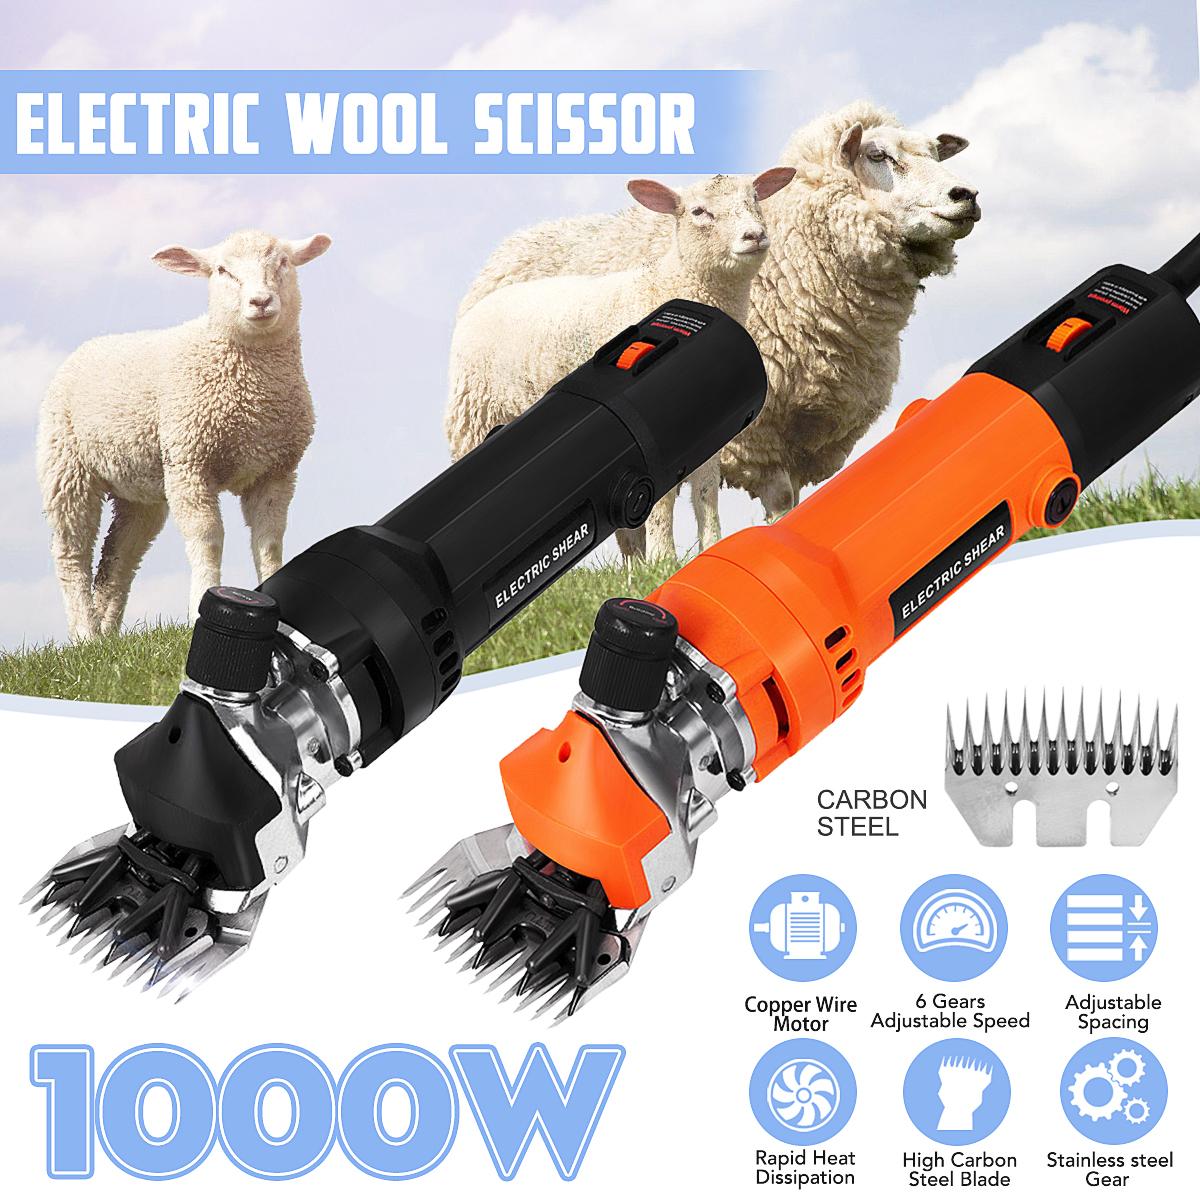 1000W 220V Elektrisch Schafschermaschine Schafe Schermaschine Schafschere Messer